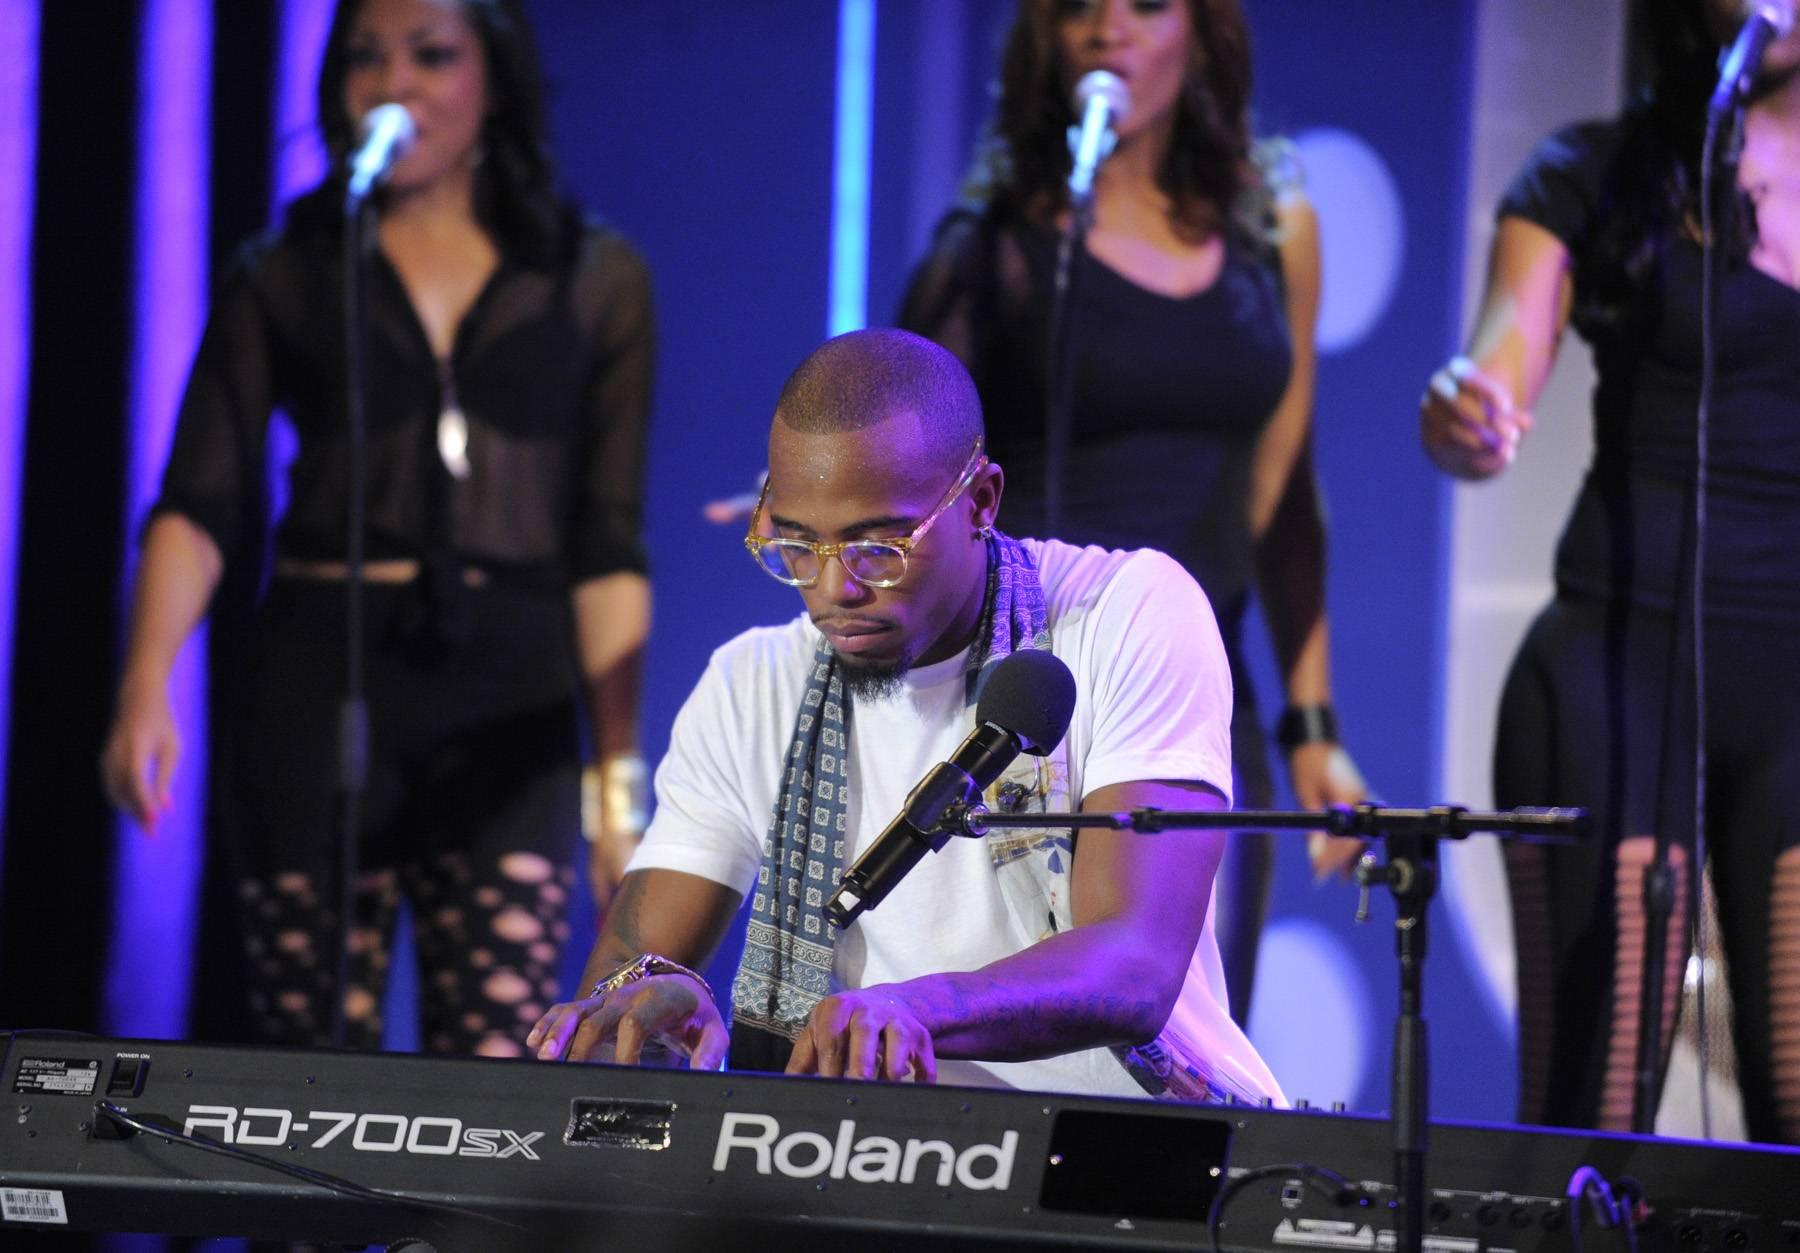 Play For Me - B.o.B performs at 106 & Park, May 1, 2012. (Photo: John Ricard / BET)